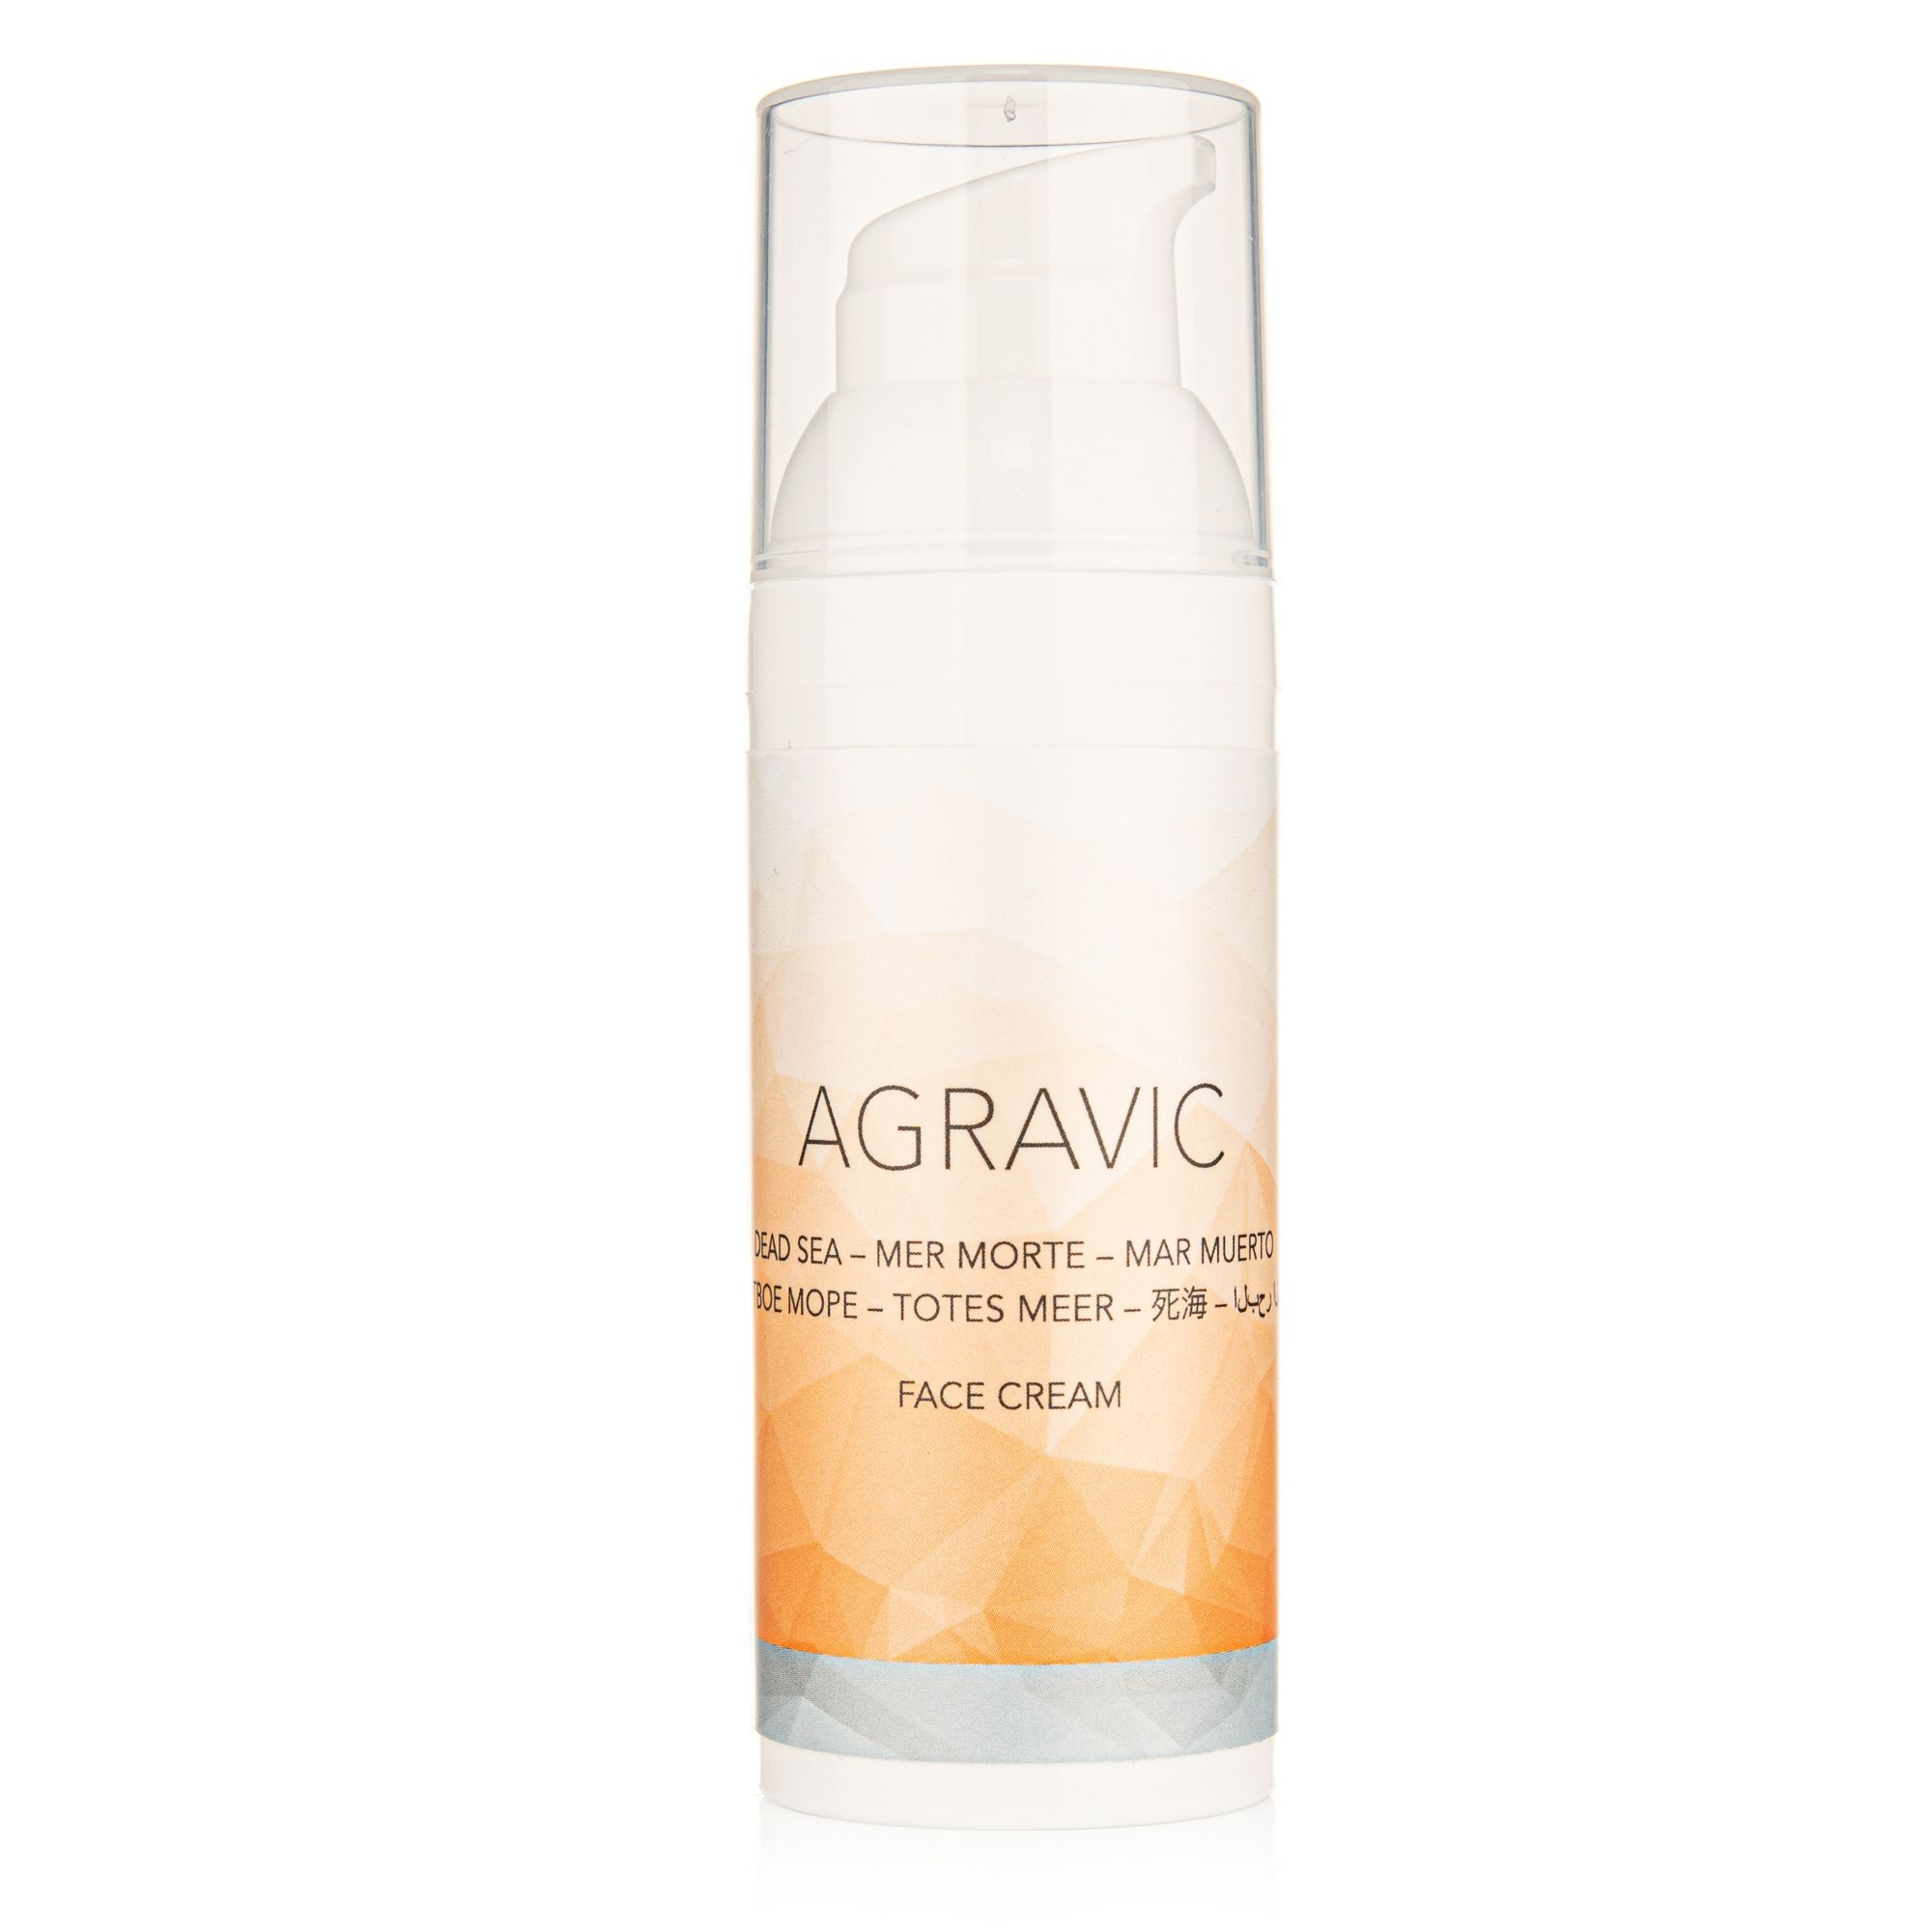 AGRAVIC Dead Sea Cosmetics Face Cream 50ml